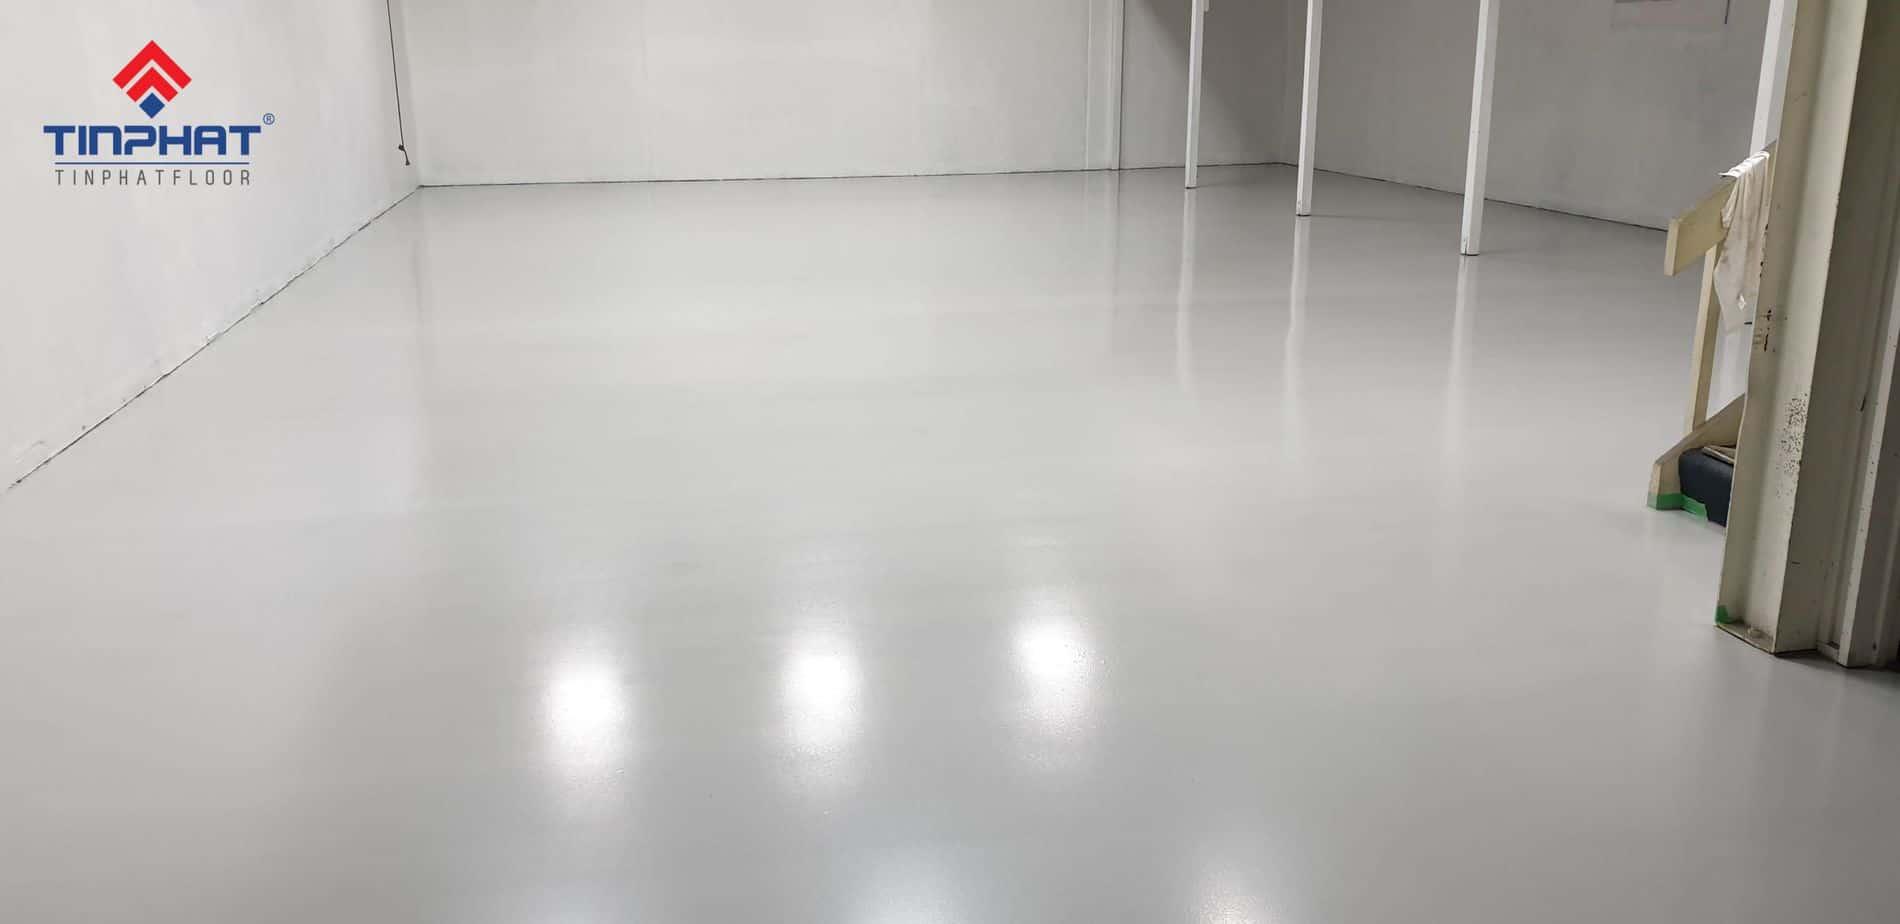 Sơn Epoxy Tín Phát tin-phat-epoxy-5